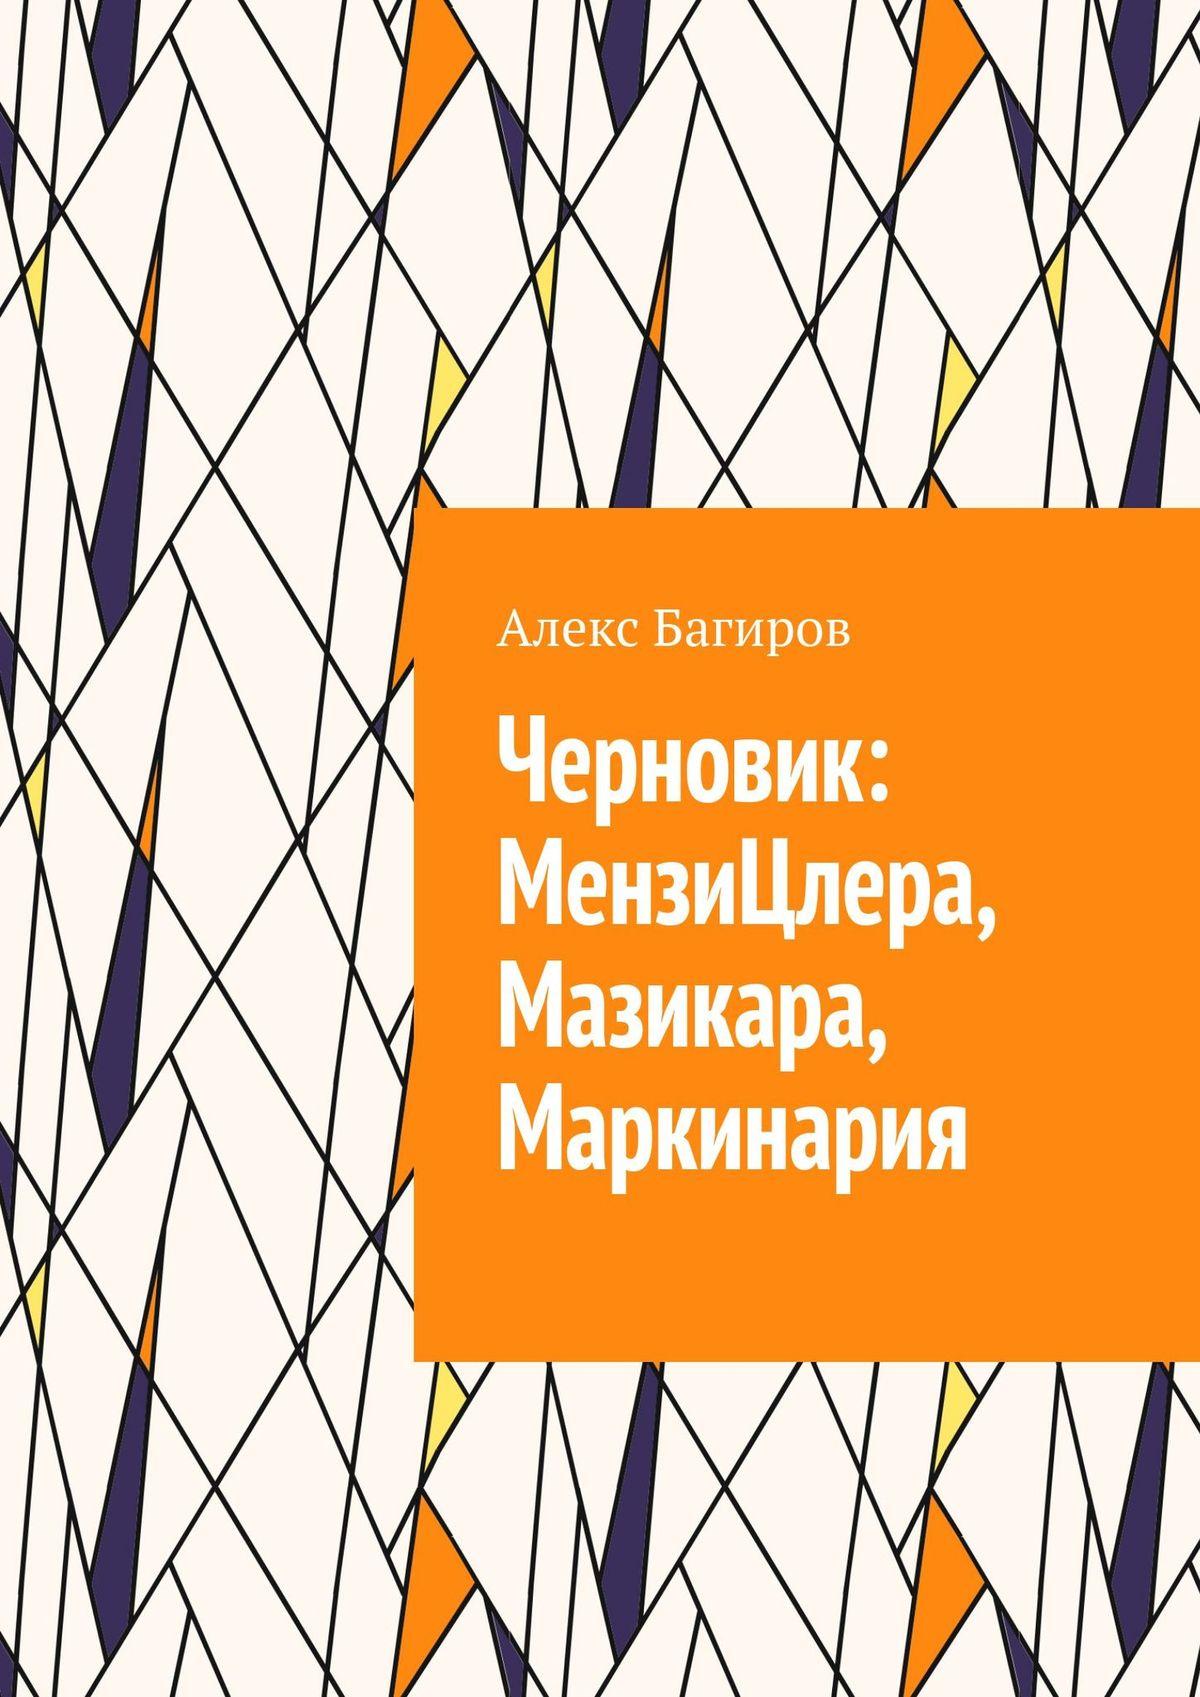 Черновик: МензиЦлера, Мазикара, Маркинария